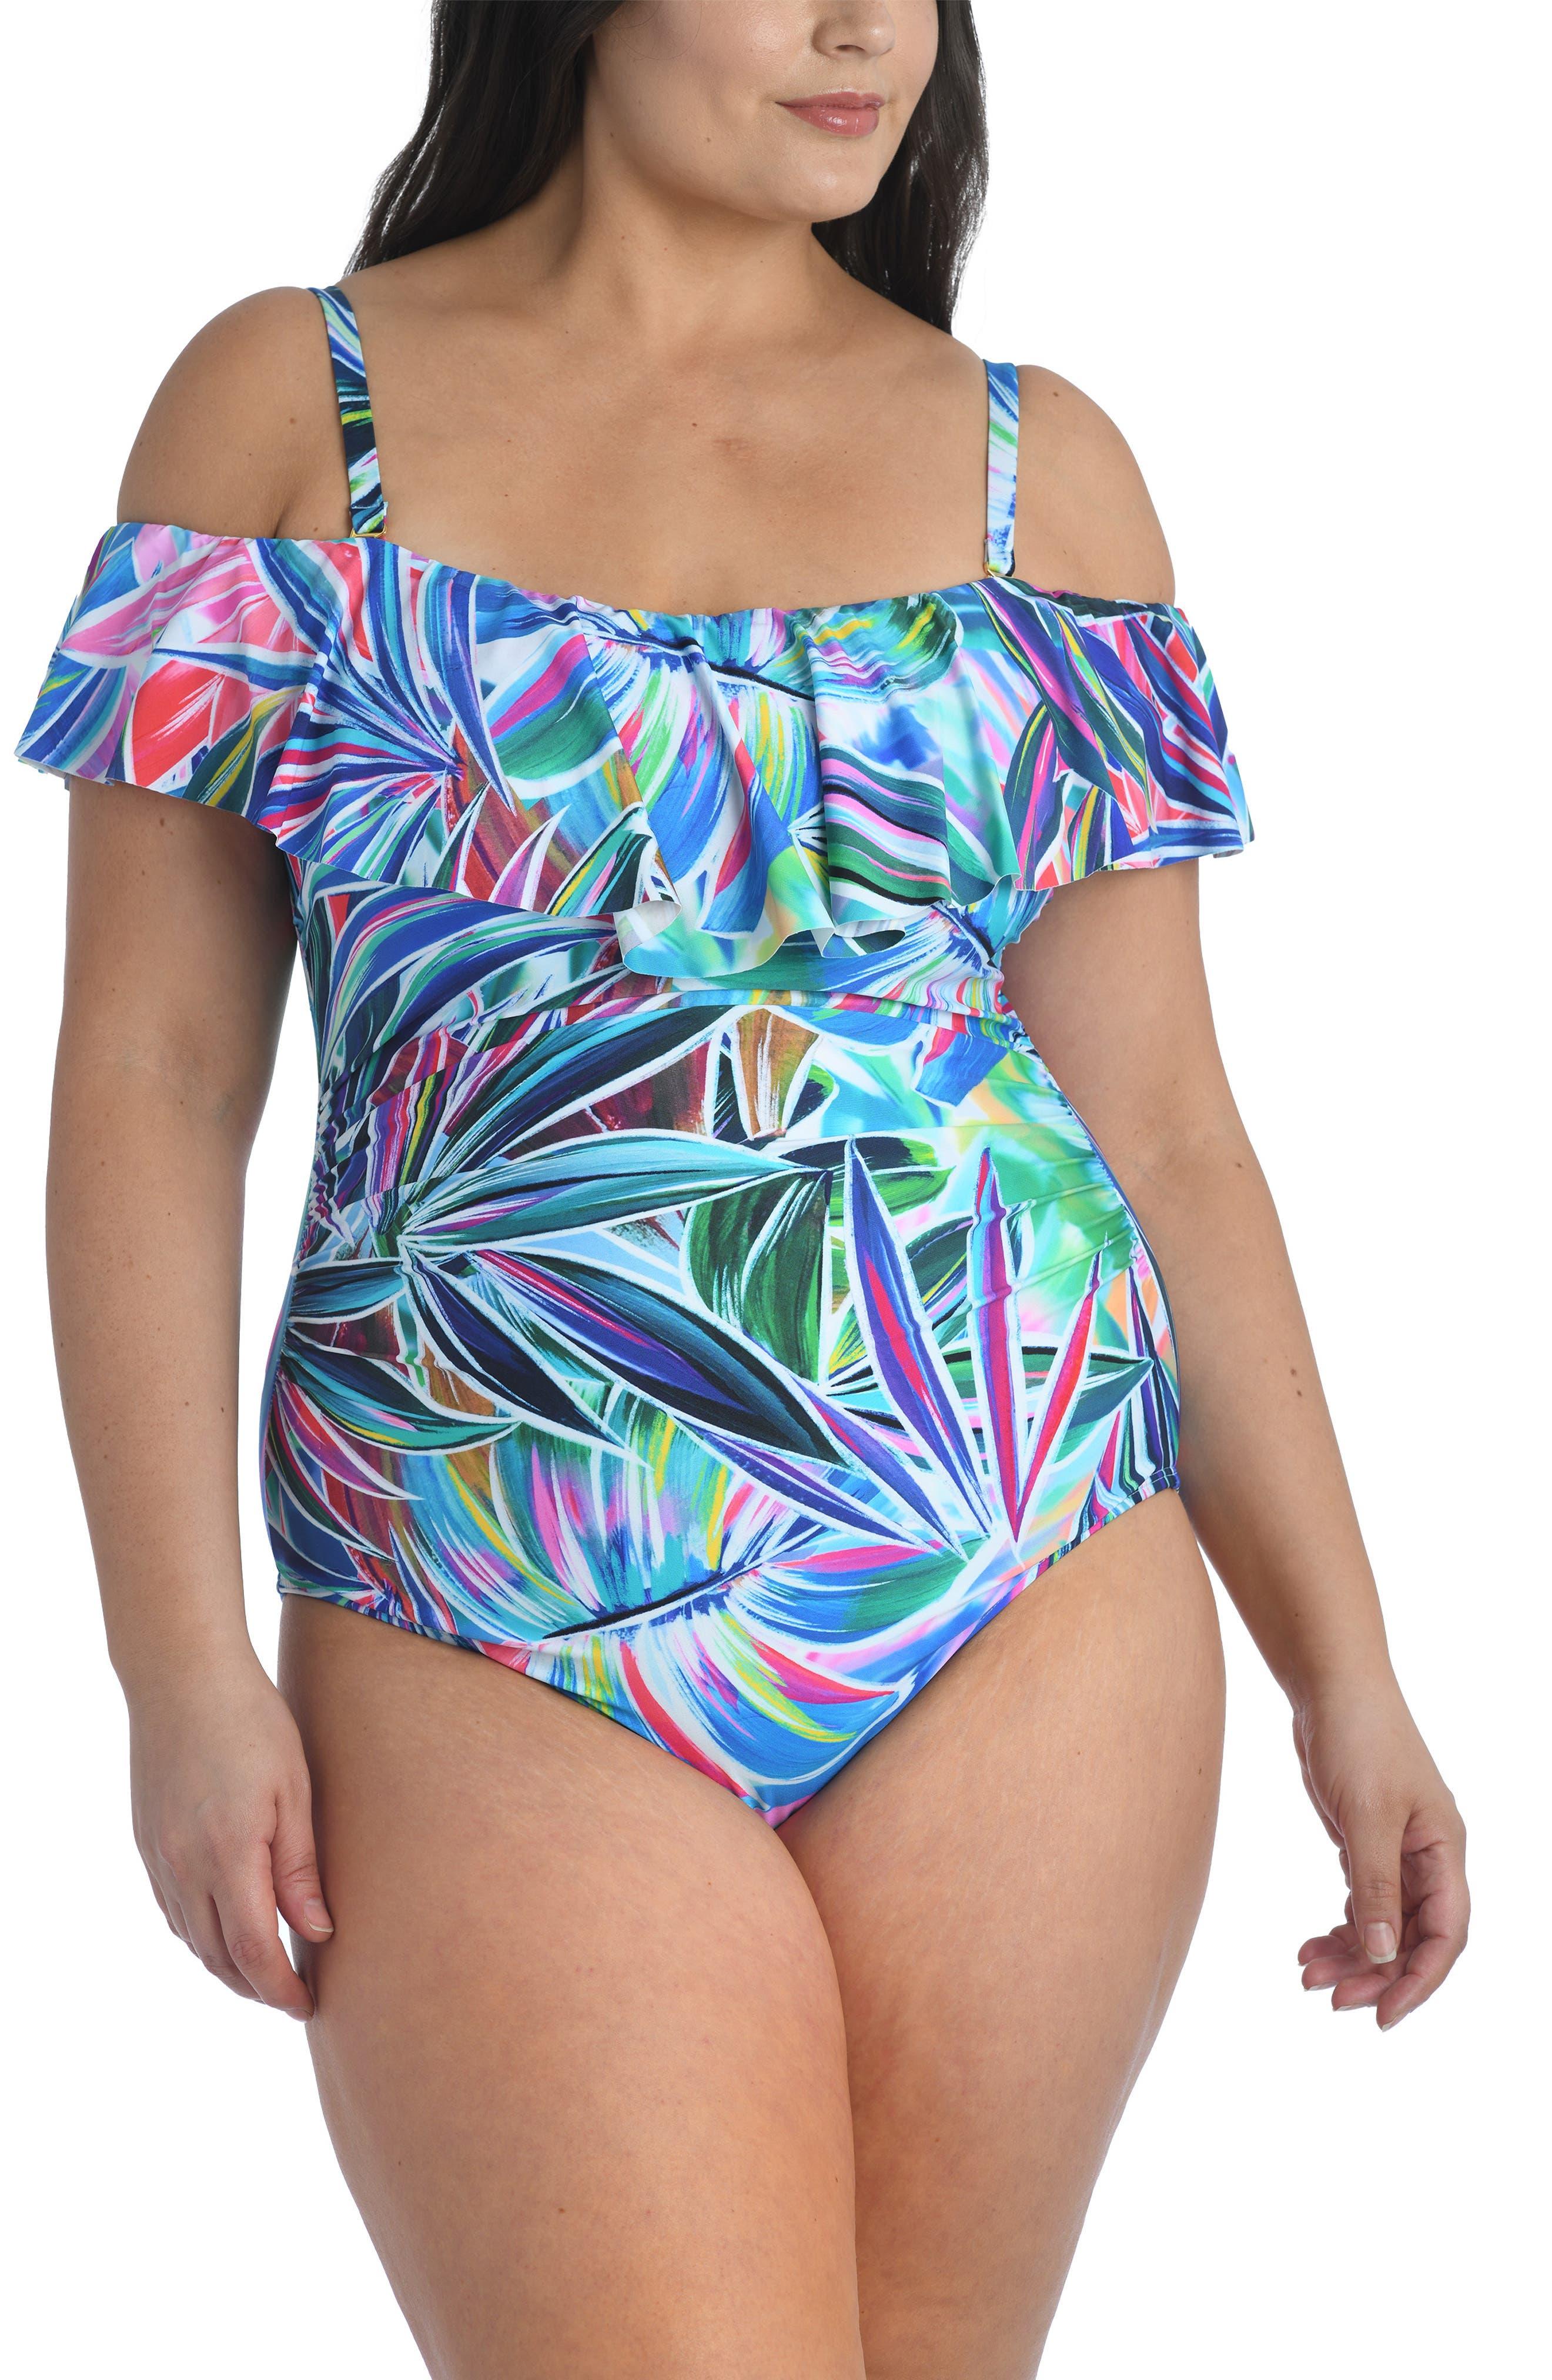 Vintage Bathing Suits   Retro Swimwear   Vintage Swimsuits Plus Size Womens La Blanca Off The Shoulder One-Piece Swimsuit Size 20W - Bluegreen $129.00 AT vintagedancer.com